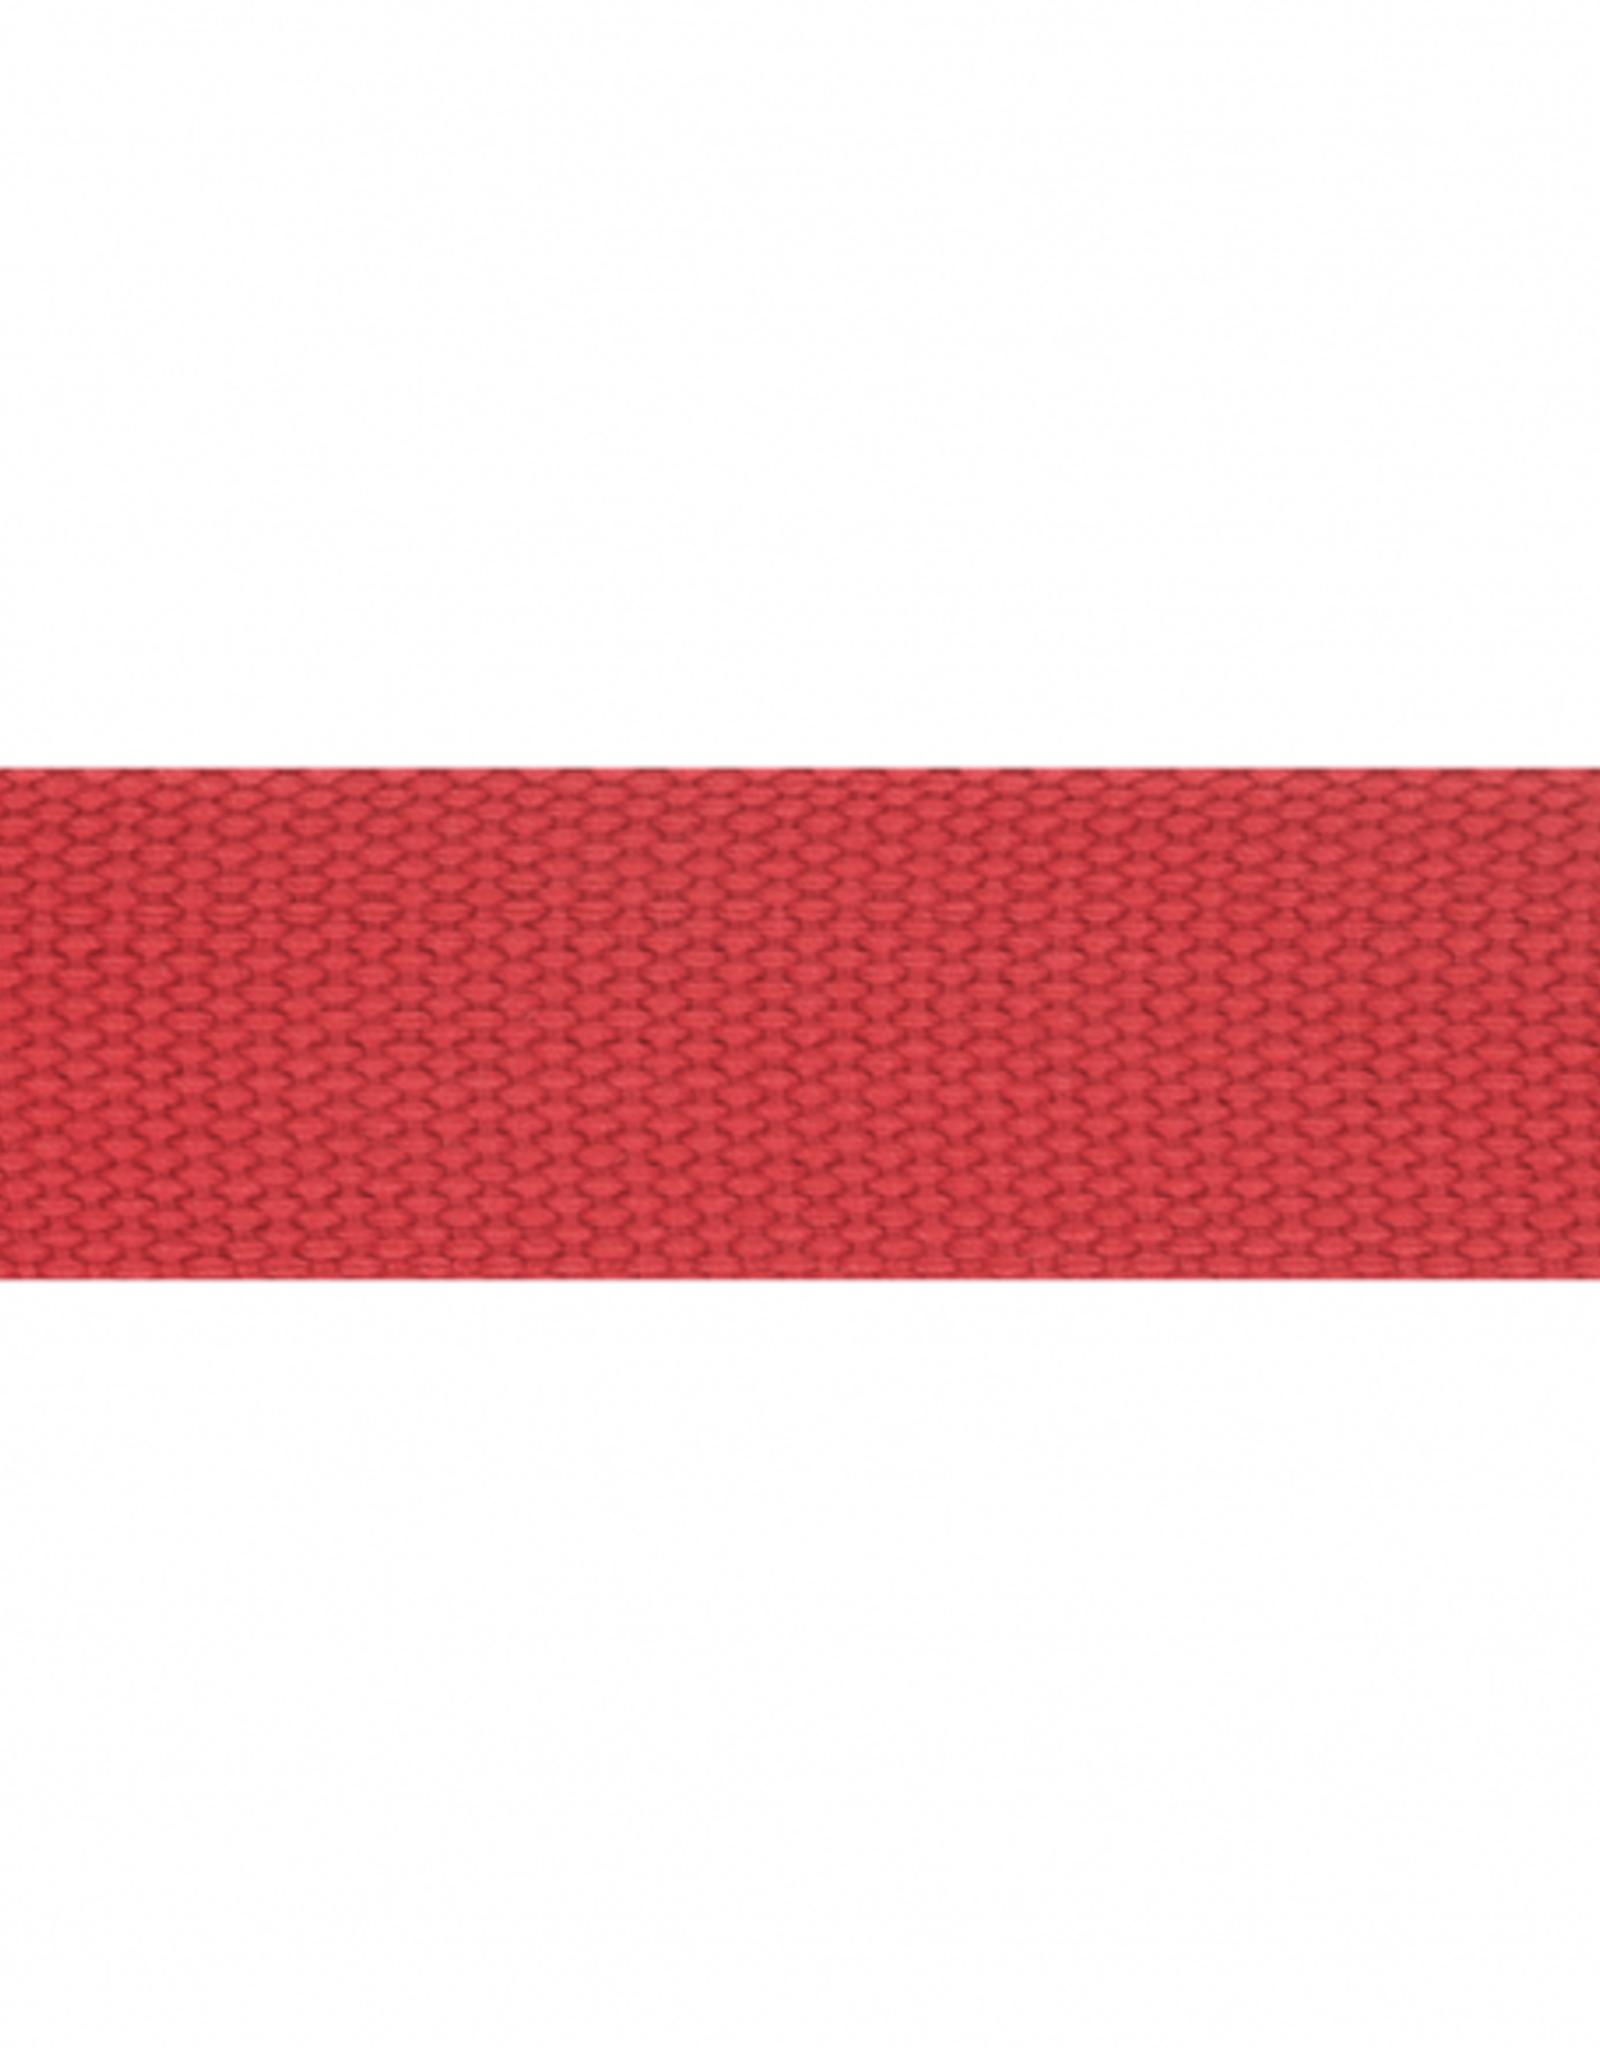 Tassenband rood 38mm 722